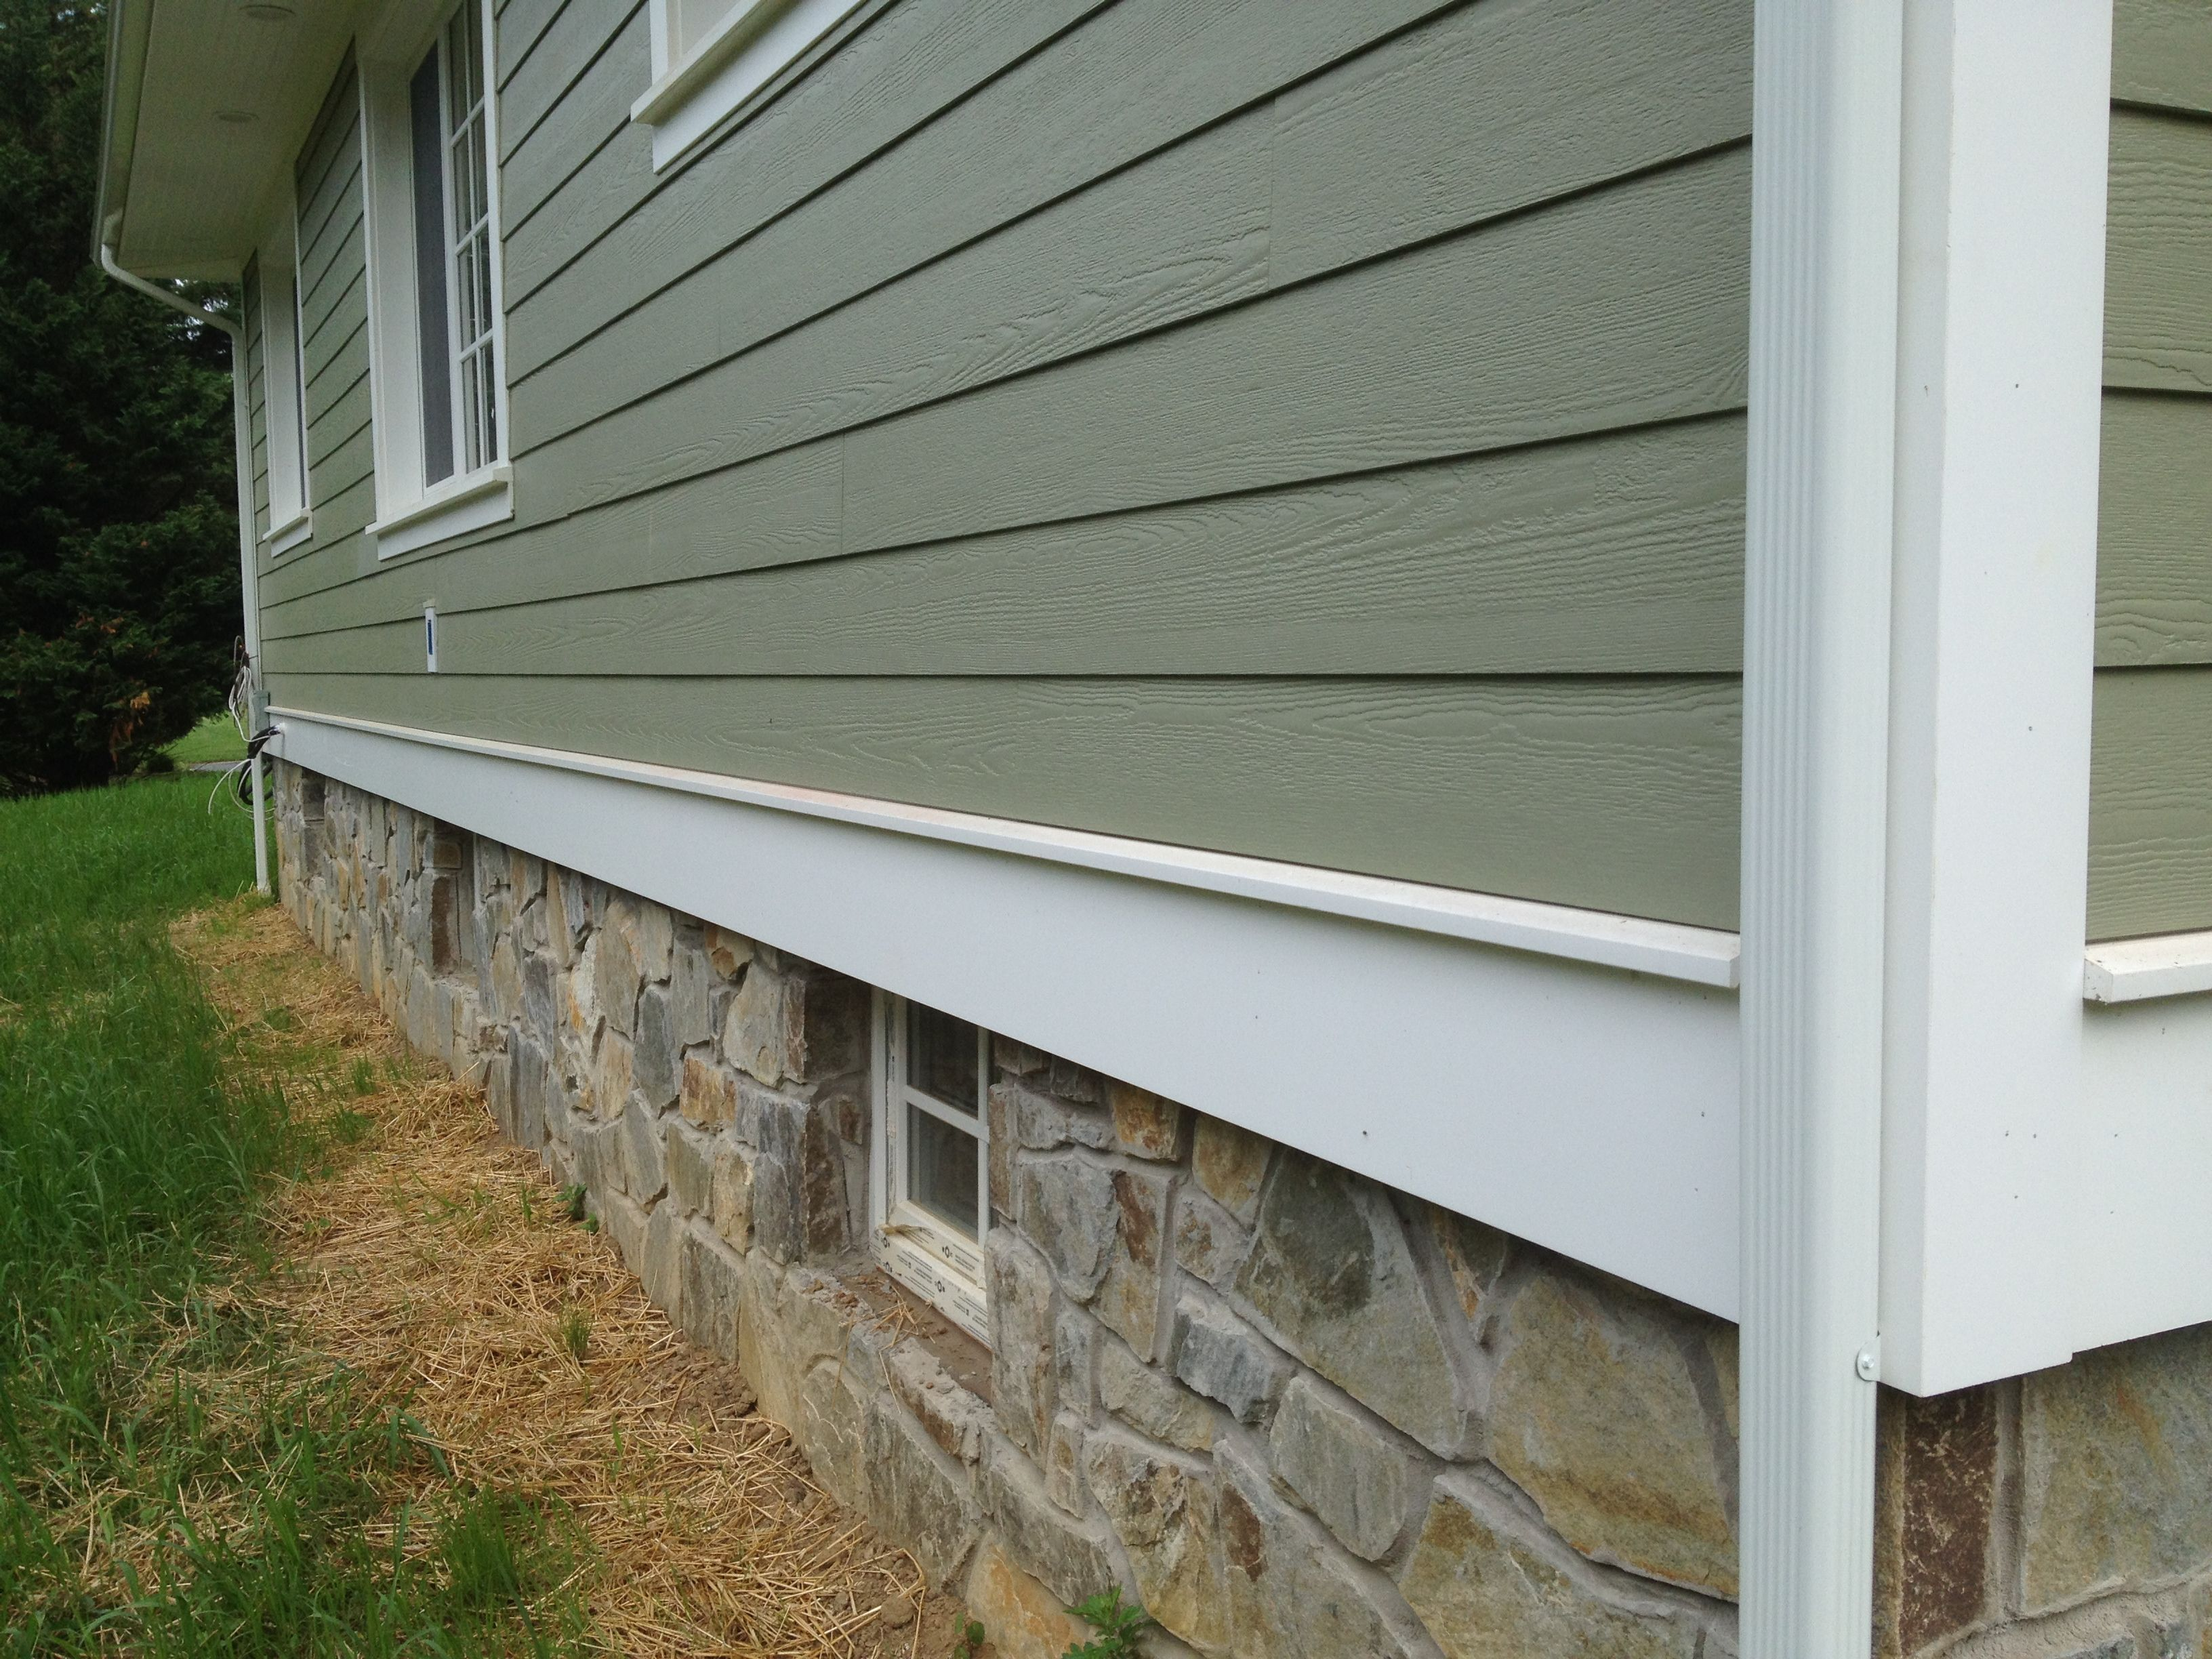 House Plans Foam Underlayment Lowes Vapor Barrier House Wrap Home Depot Exterior Trim Wood Siding Exterior Vinyl Exterior Siding